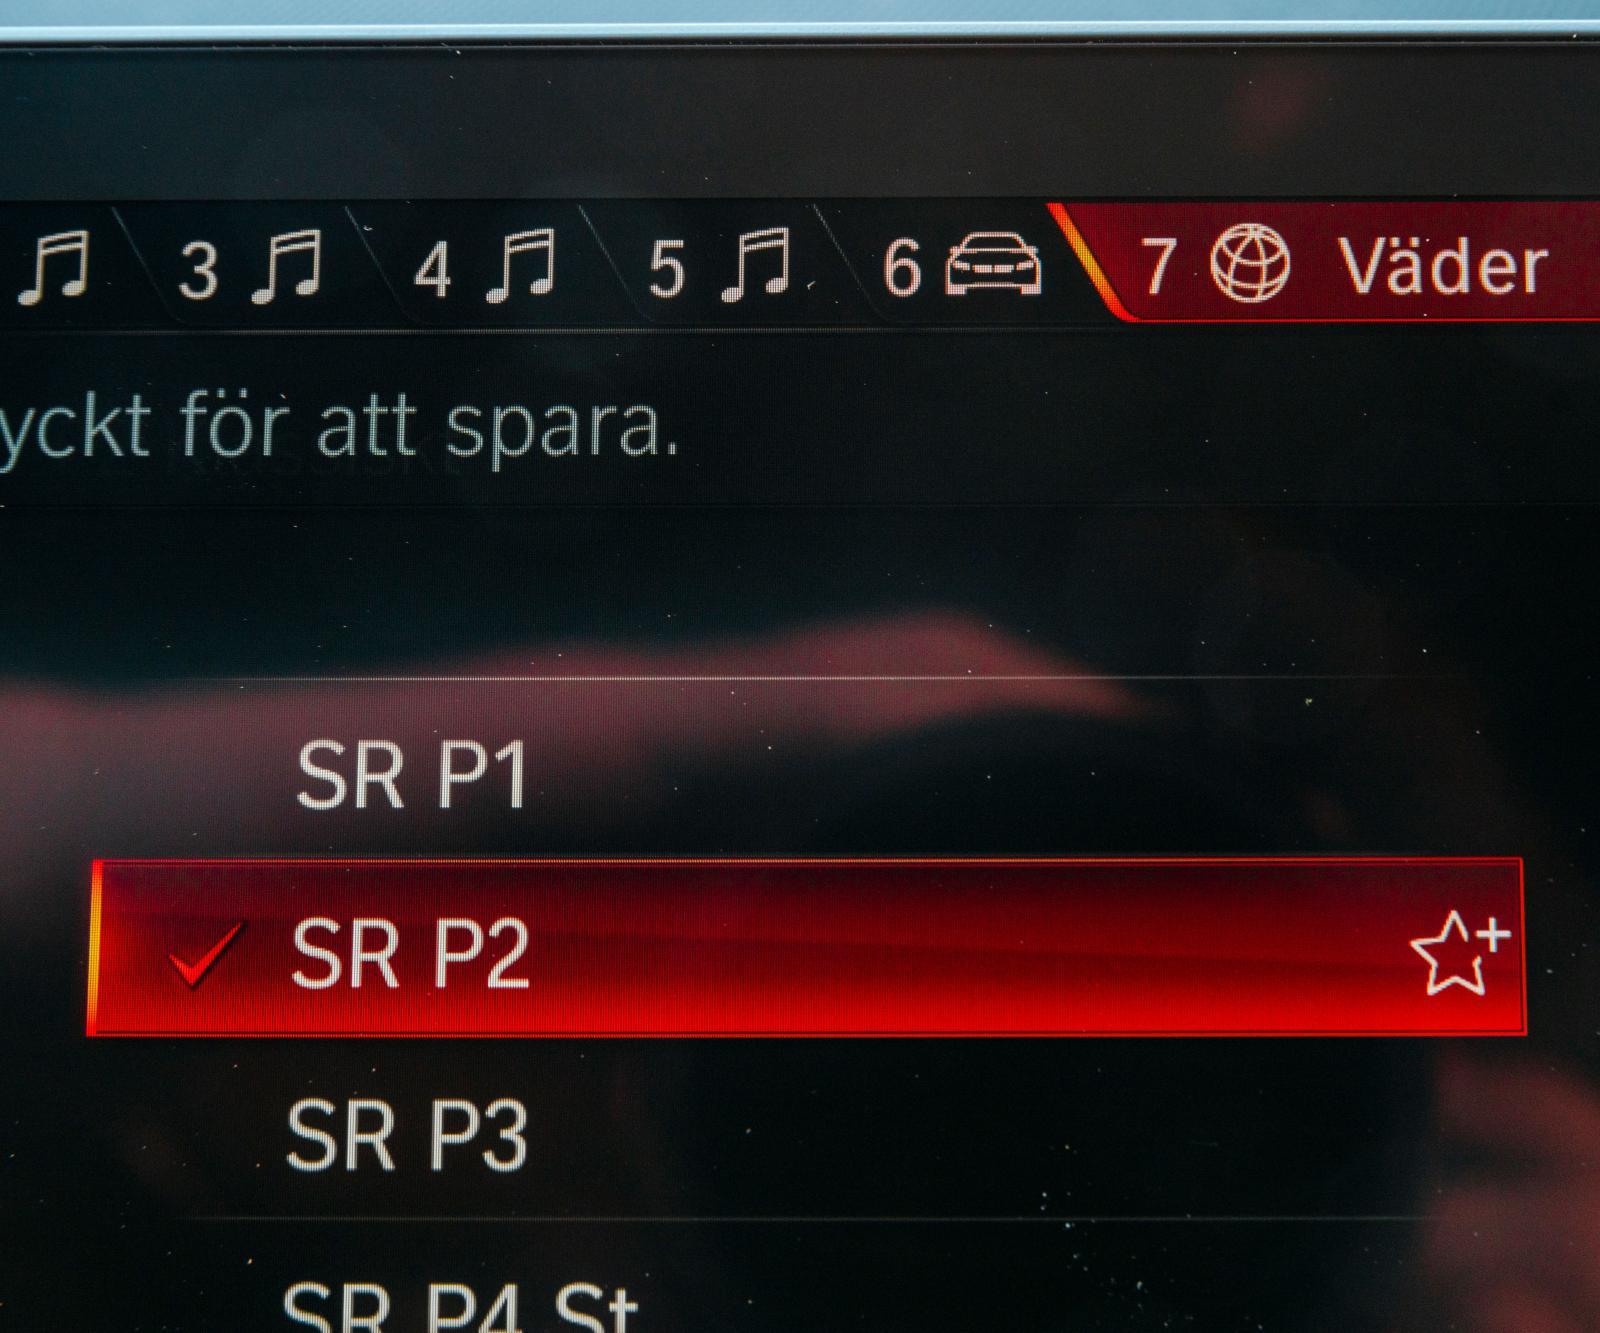 Siffrona har motsvarigheter i fysiska knappar i BMW. Knapparna är programerbara. Här har siffrorna ett till fem programerats med radiokanaler. Knapp sju ger lokal väderprognos. Smidigt.